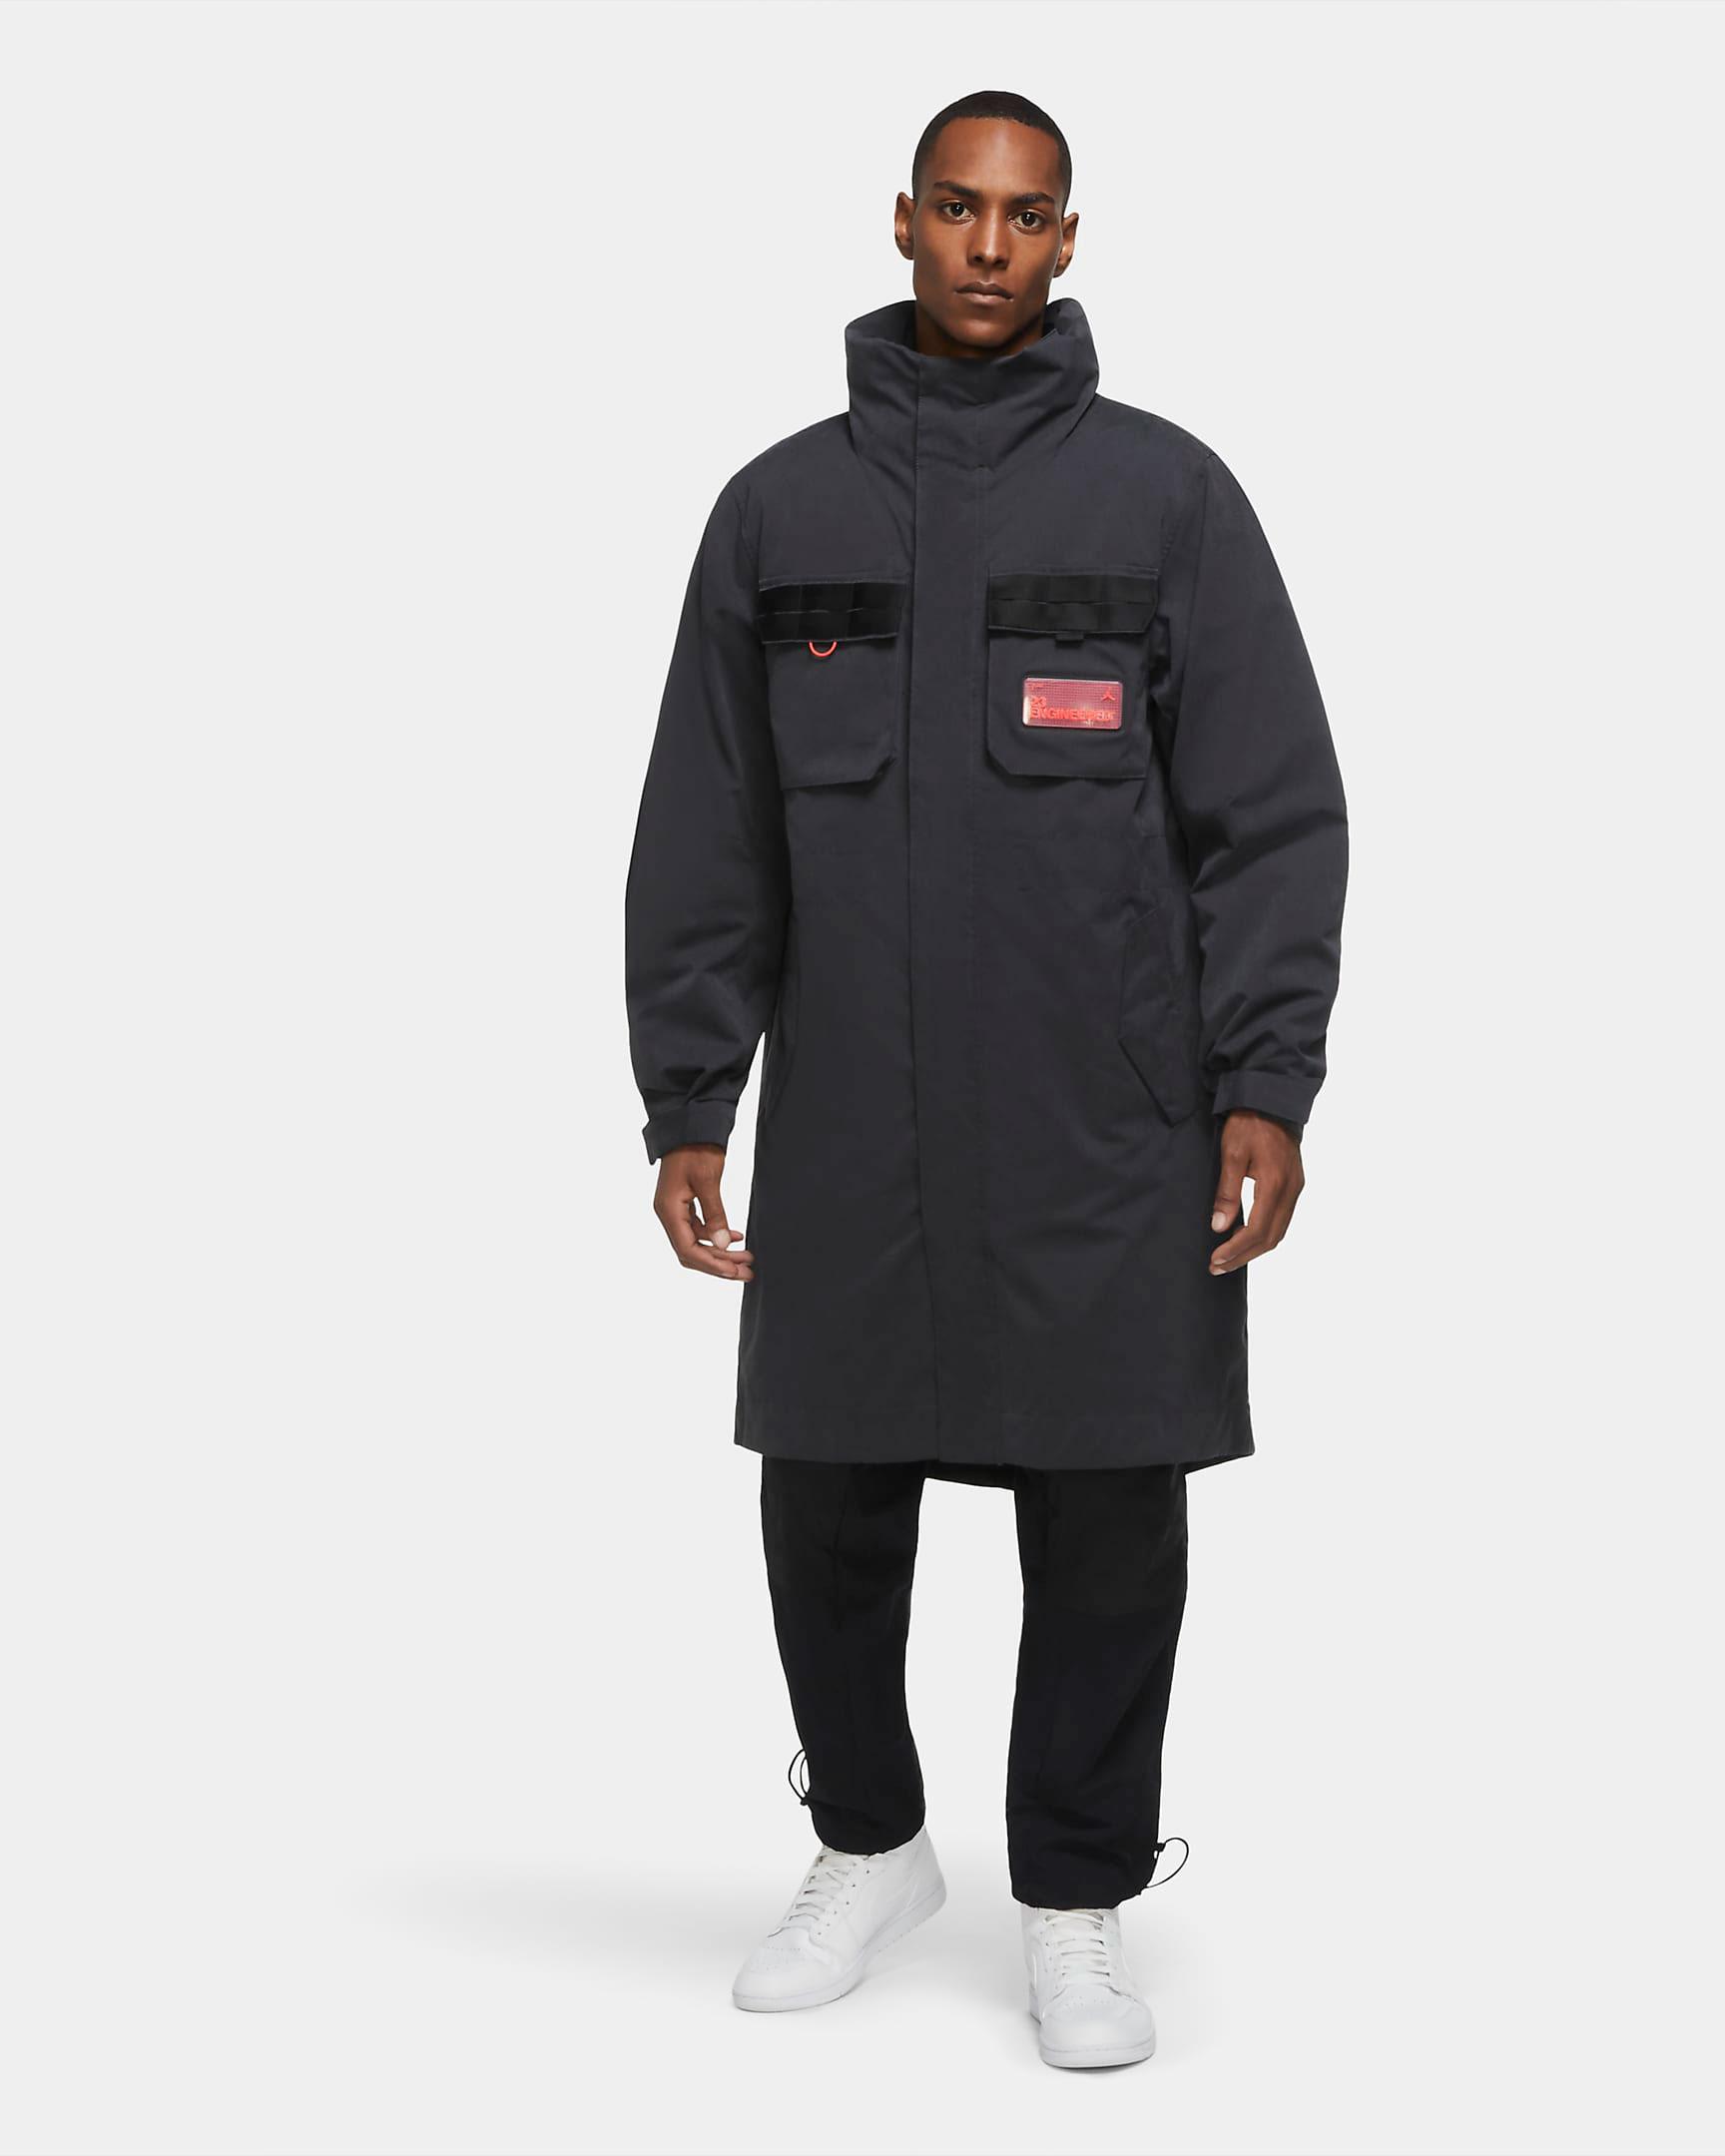 air-jordan-11-adapt-winter-jacket-1